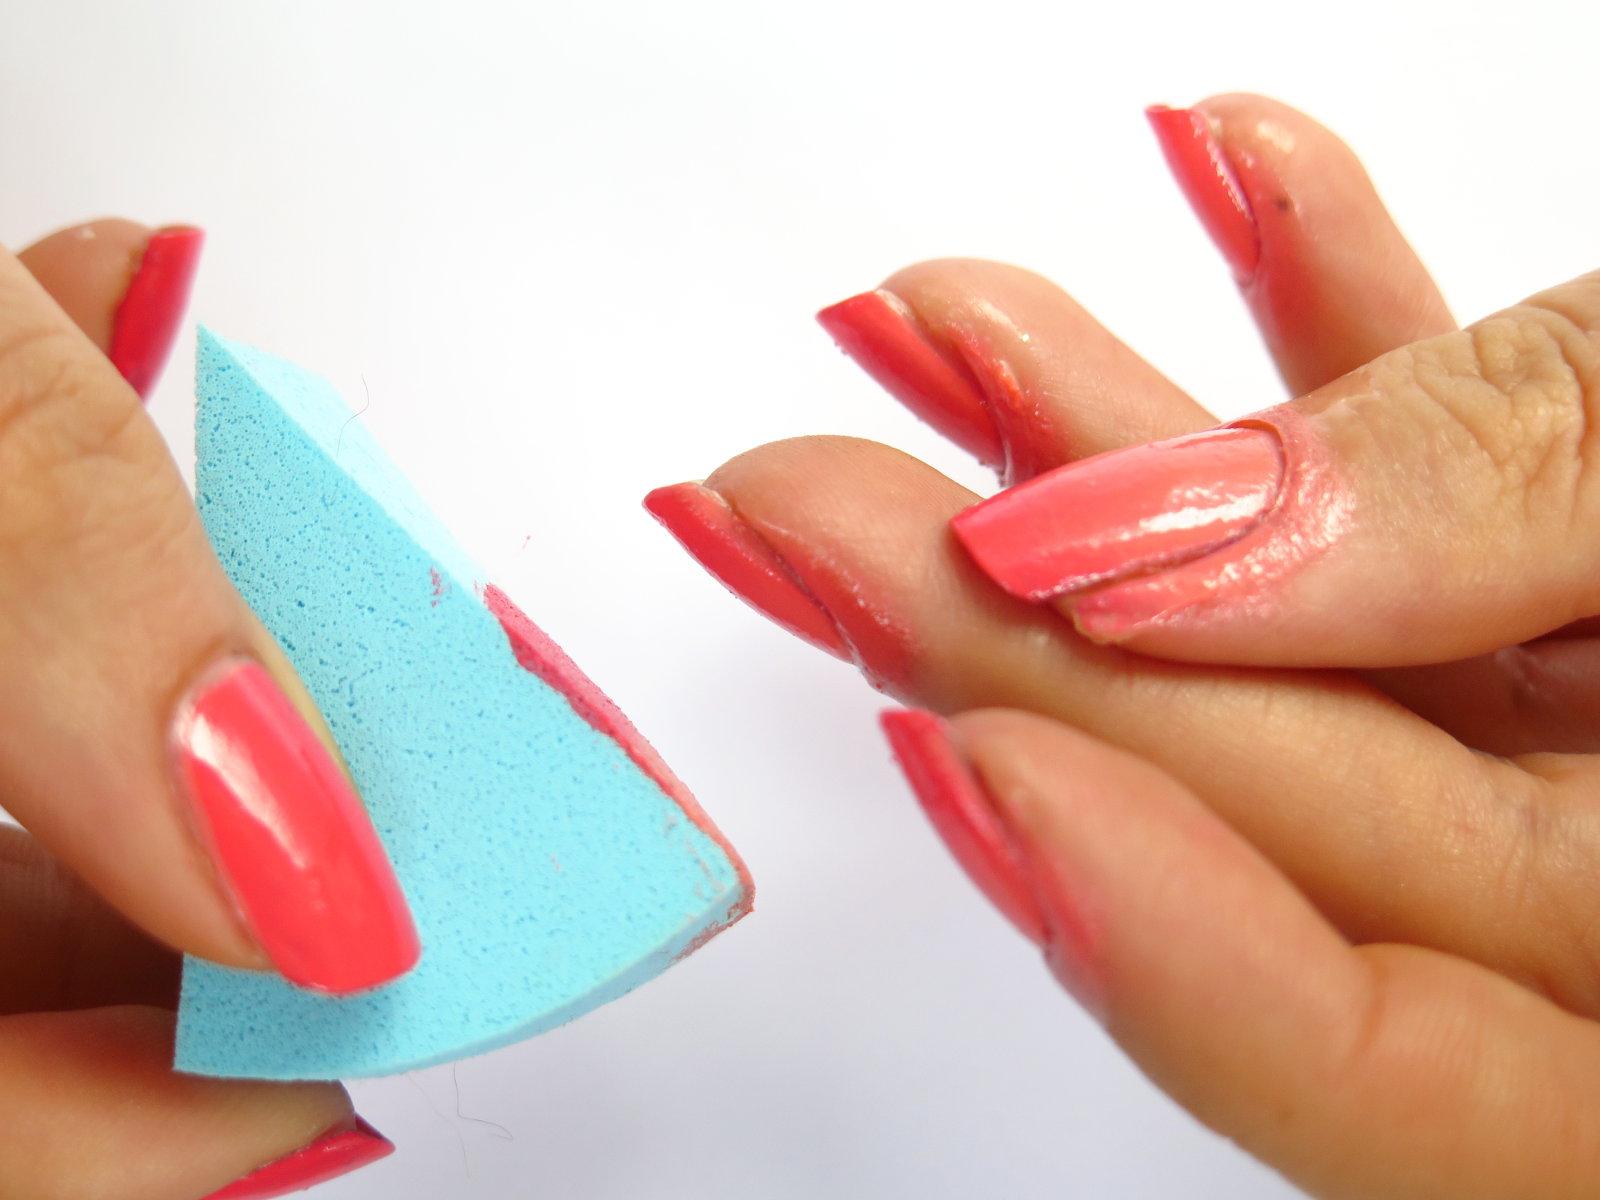 jak zrobić gradient wskazówki porady instrukcja na paznokciach ombre